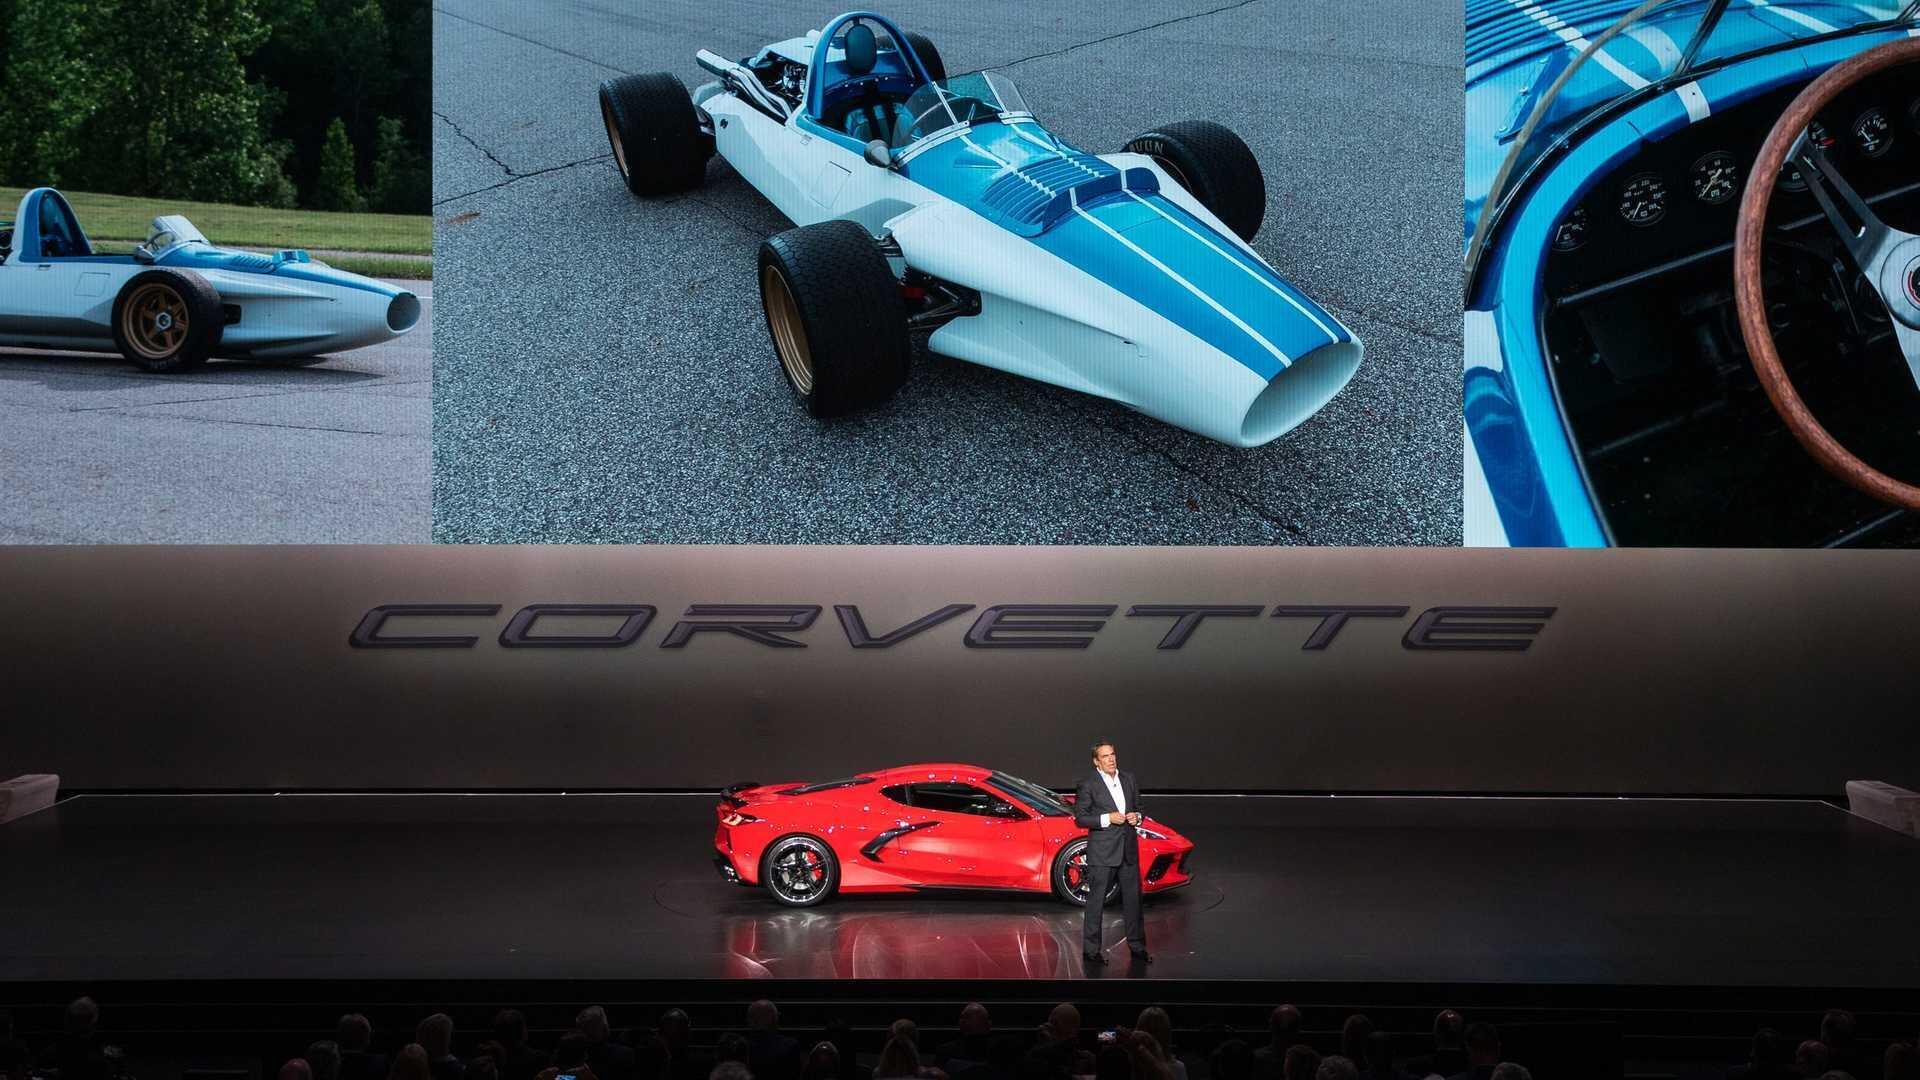 https://cdn.dailyxe.com.vn/image/chevrolet-corvette-2020-co-mot-so-tinh-nang-an-tuyet-voi-30-94545j2.jpg